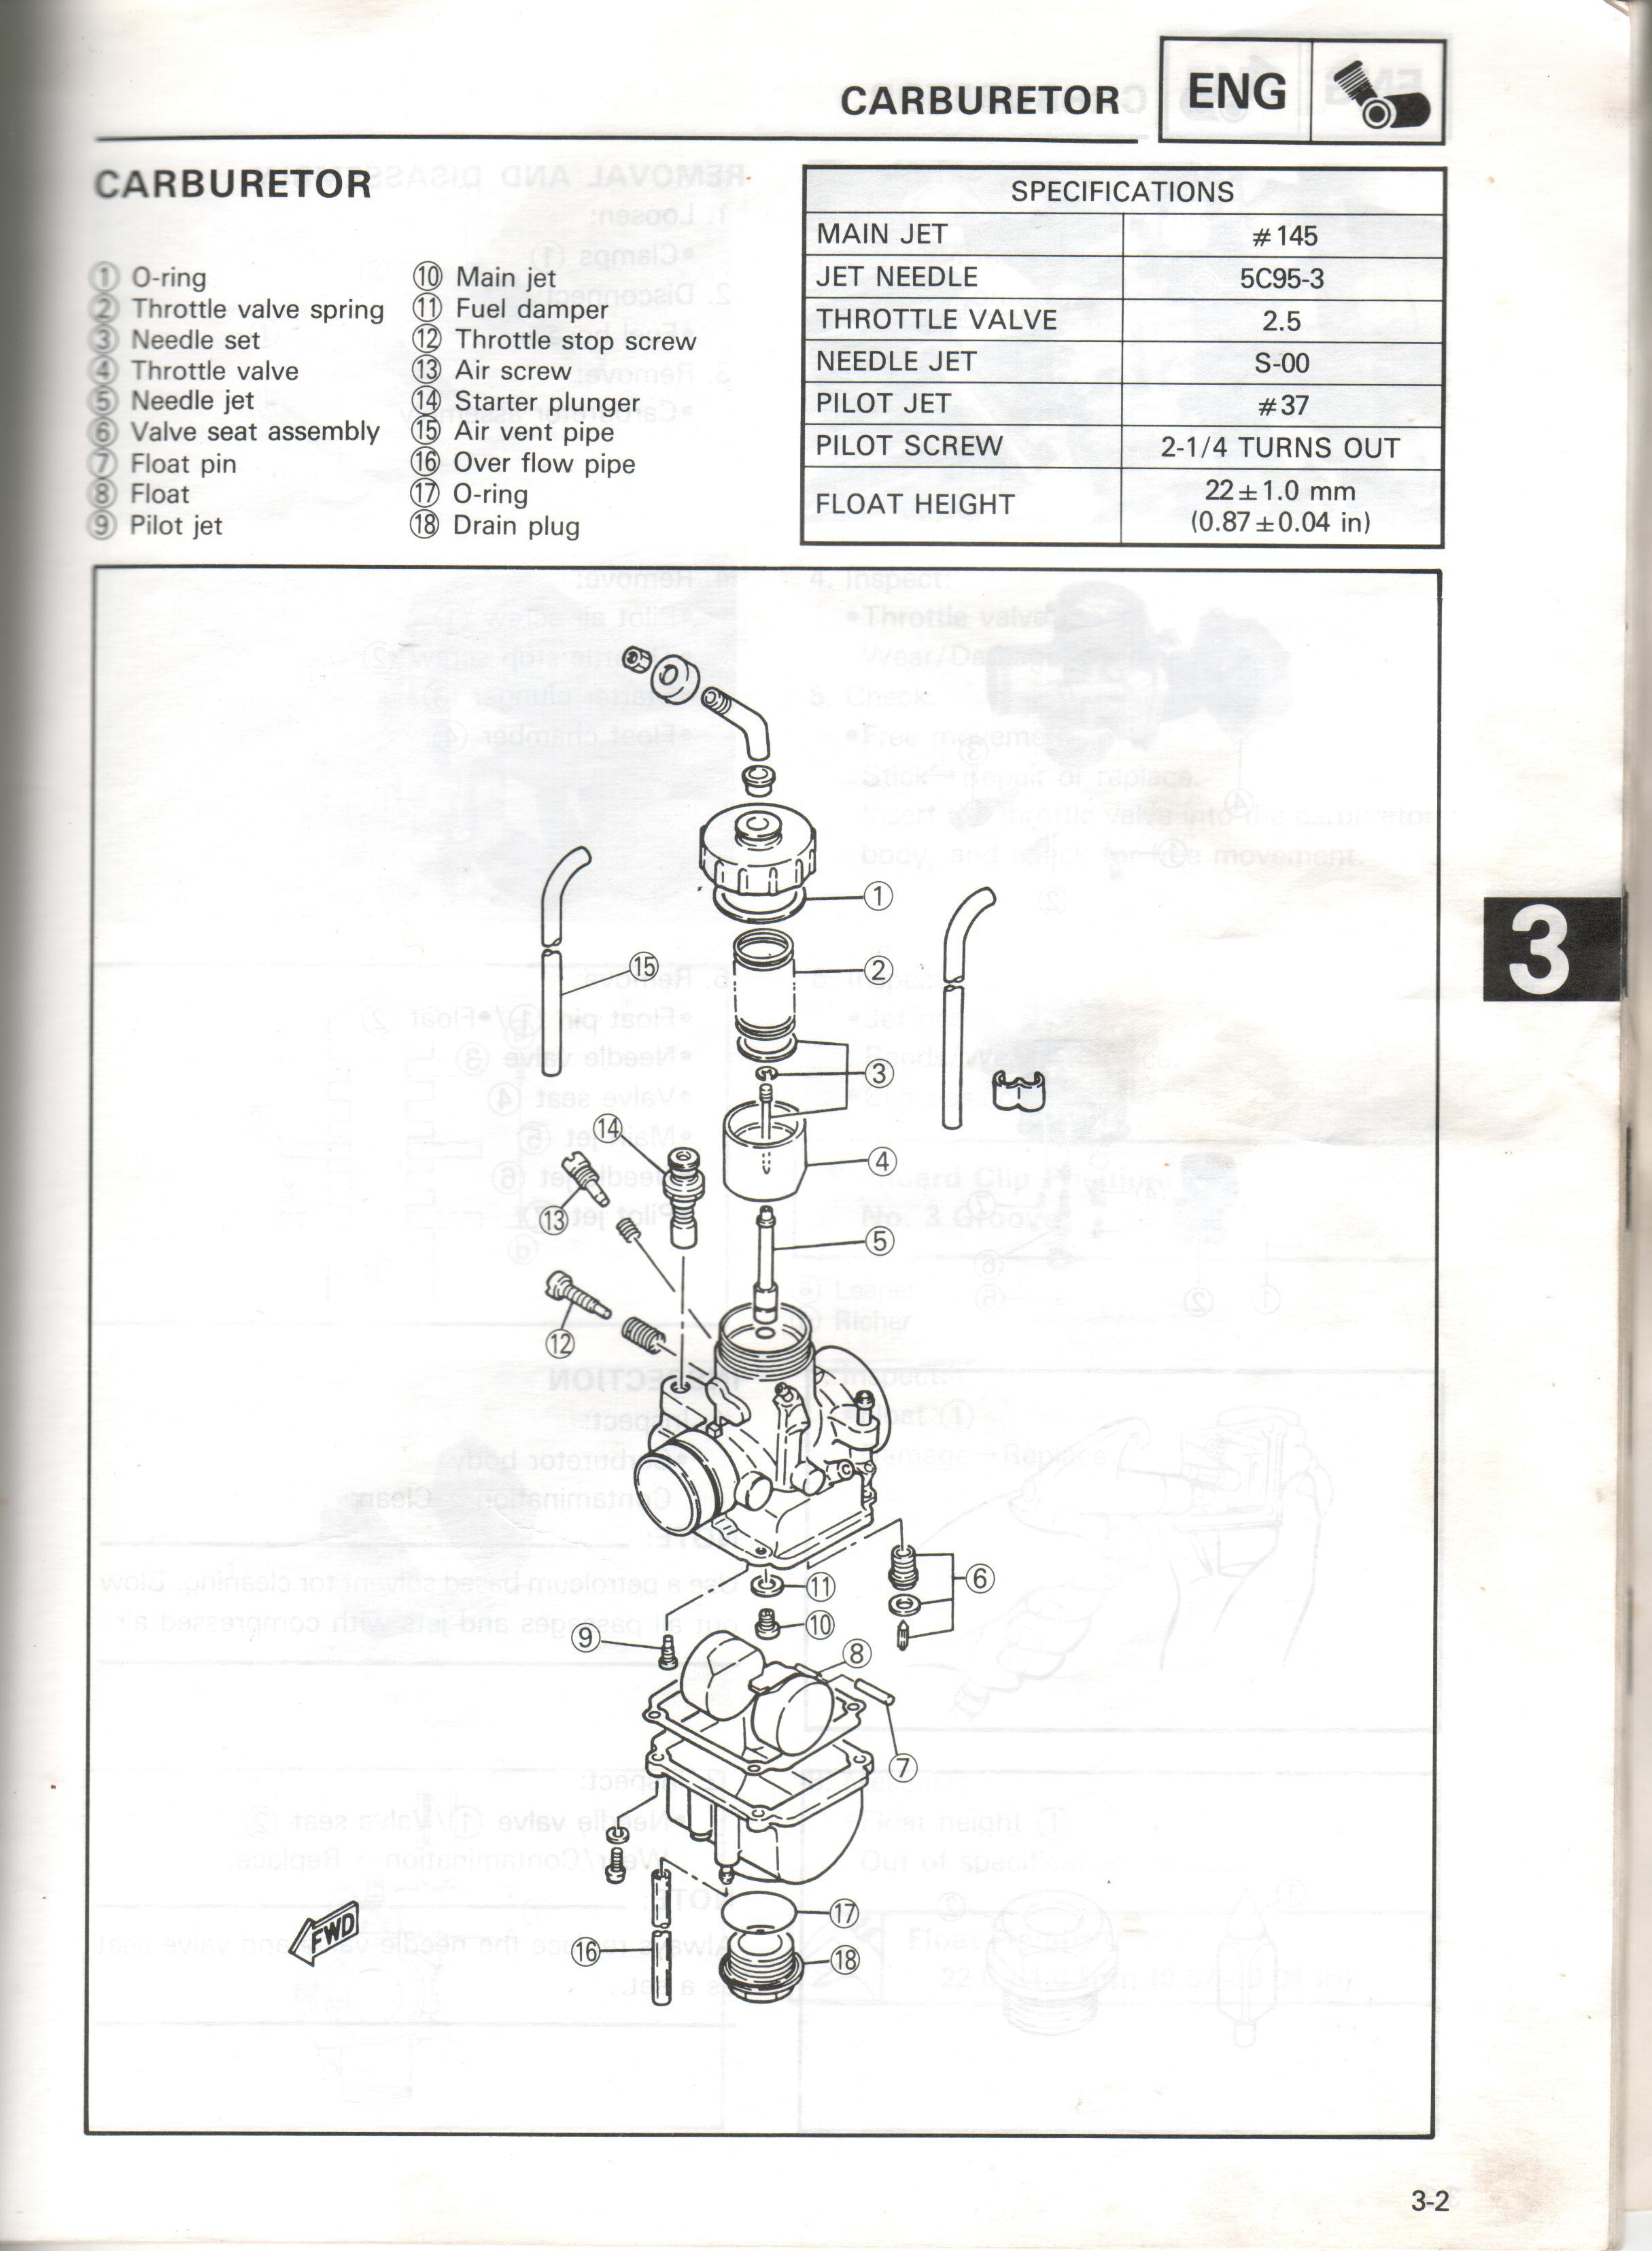 yamaha xt225 carburetor diagram